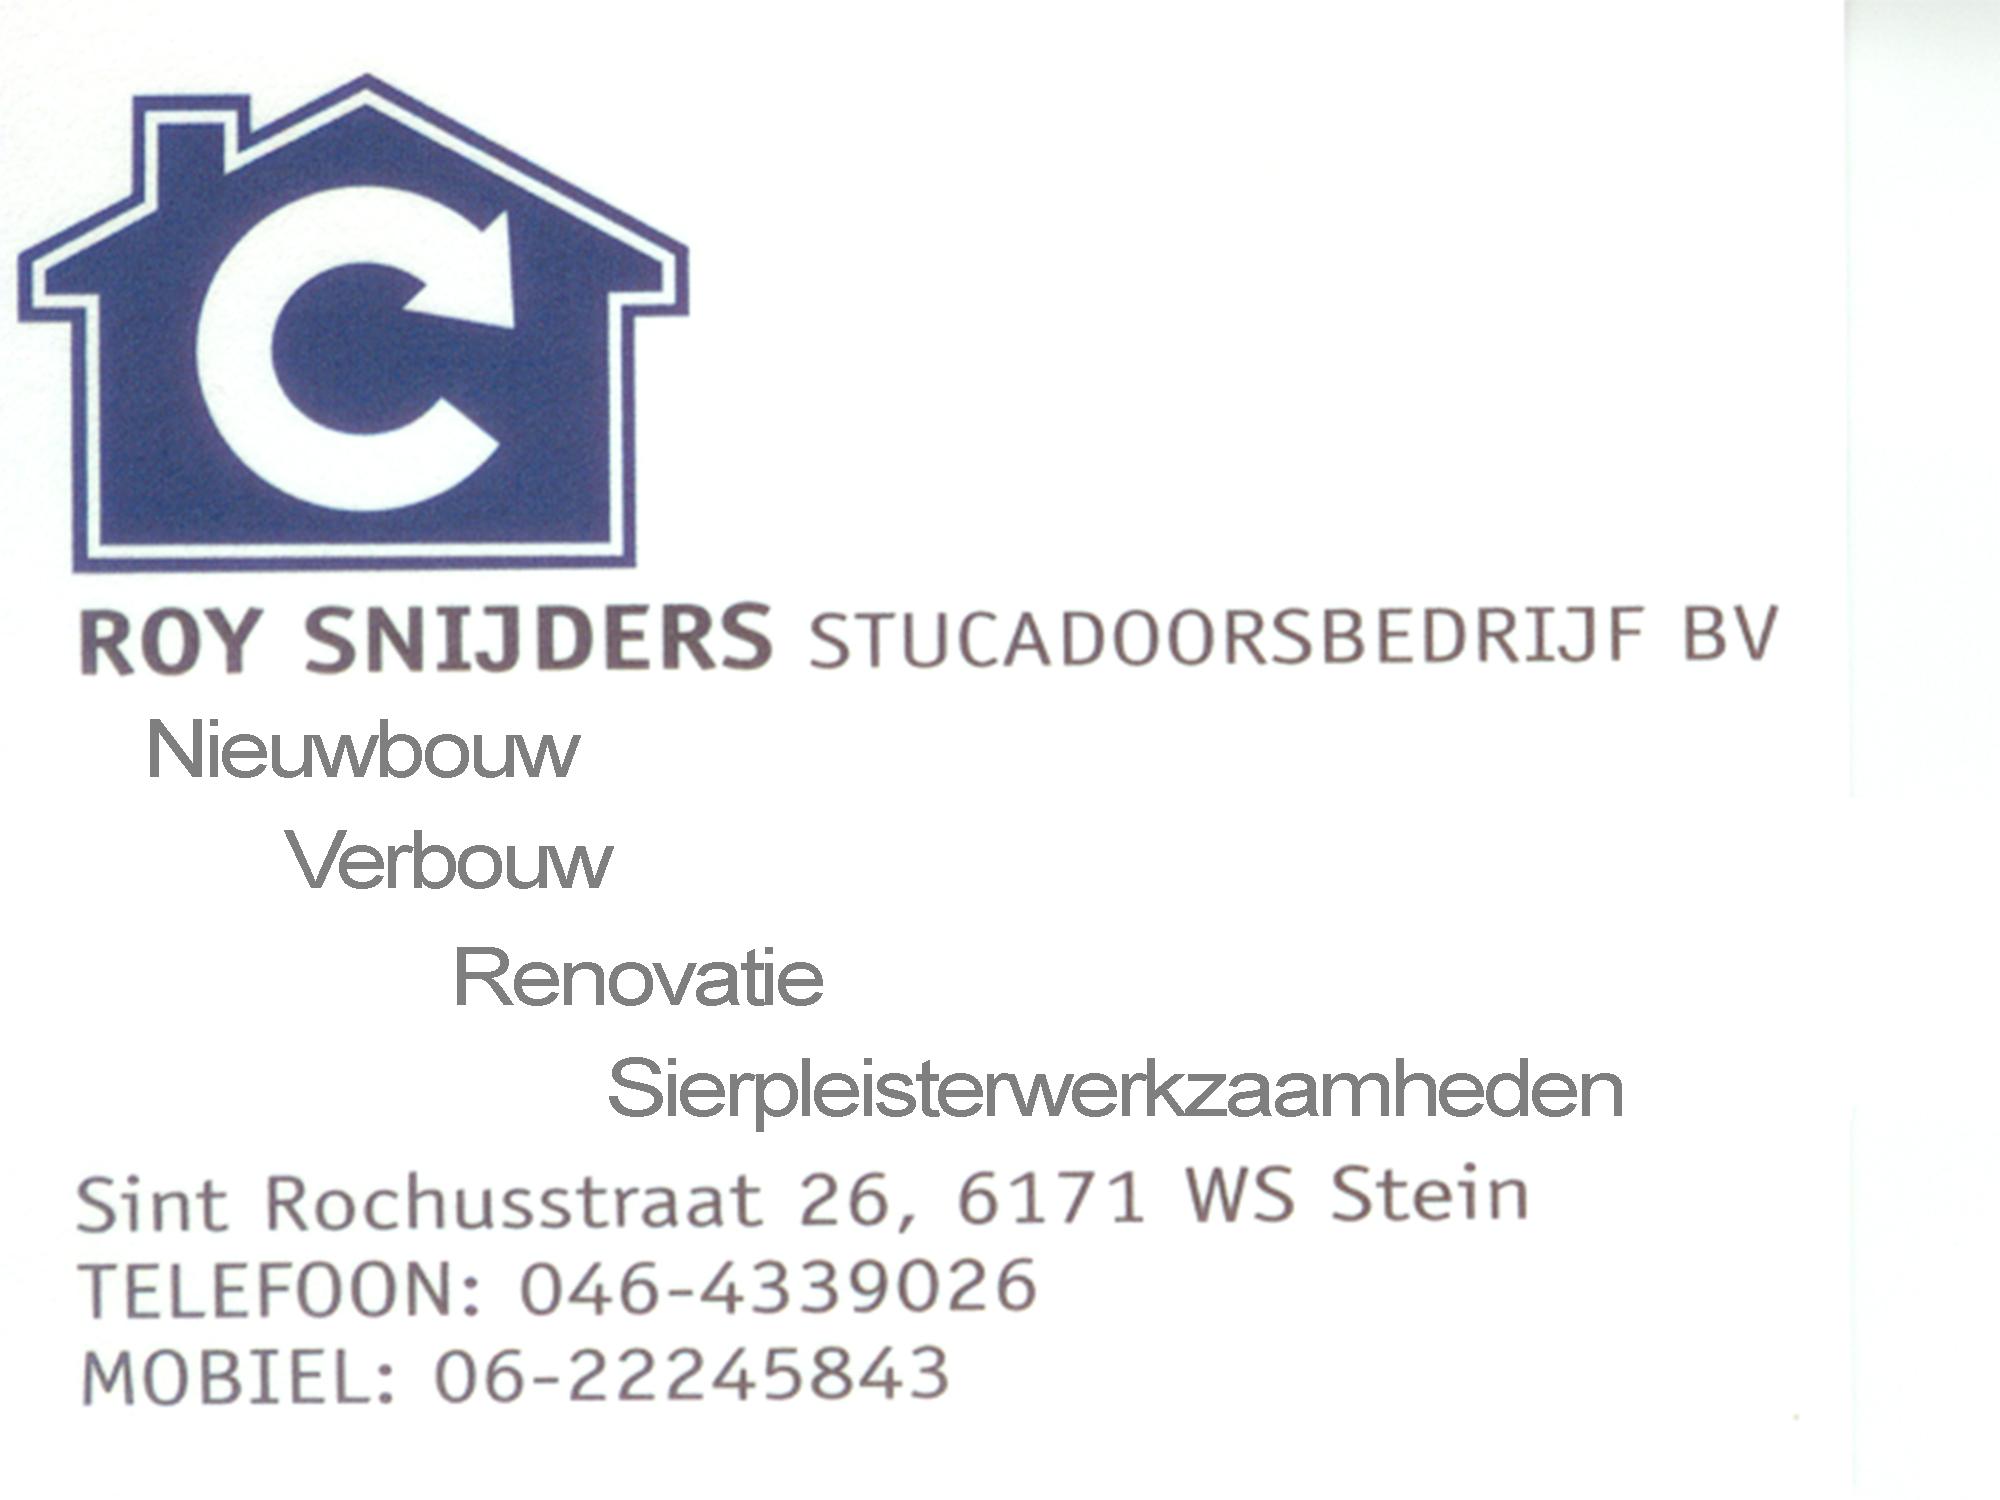 Stucadoorsbedrijf Roy Snijders